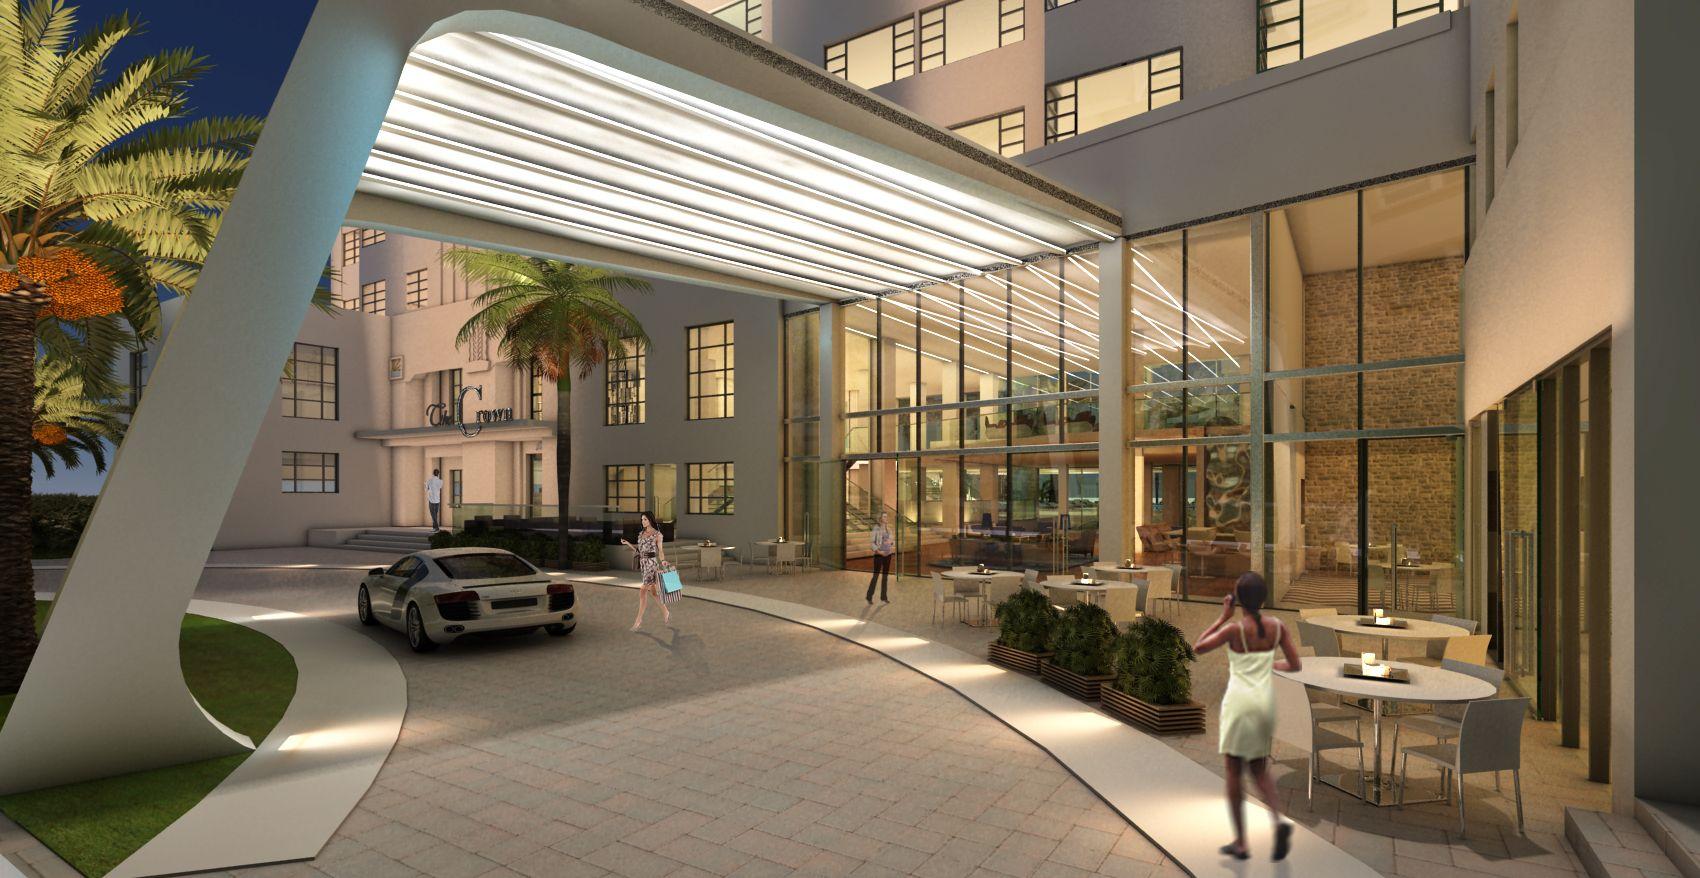 Grand entrance porte cochere google search grand - Centre commercial porte de saint cloud ...